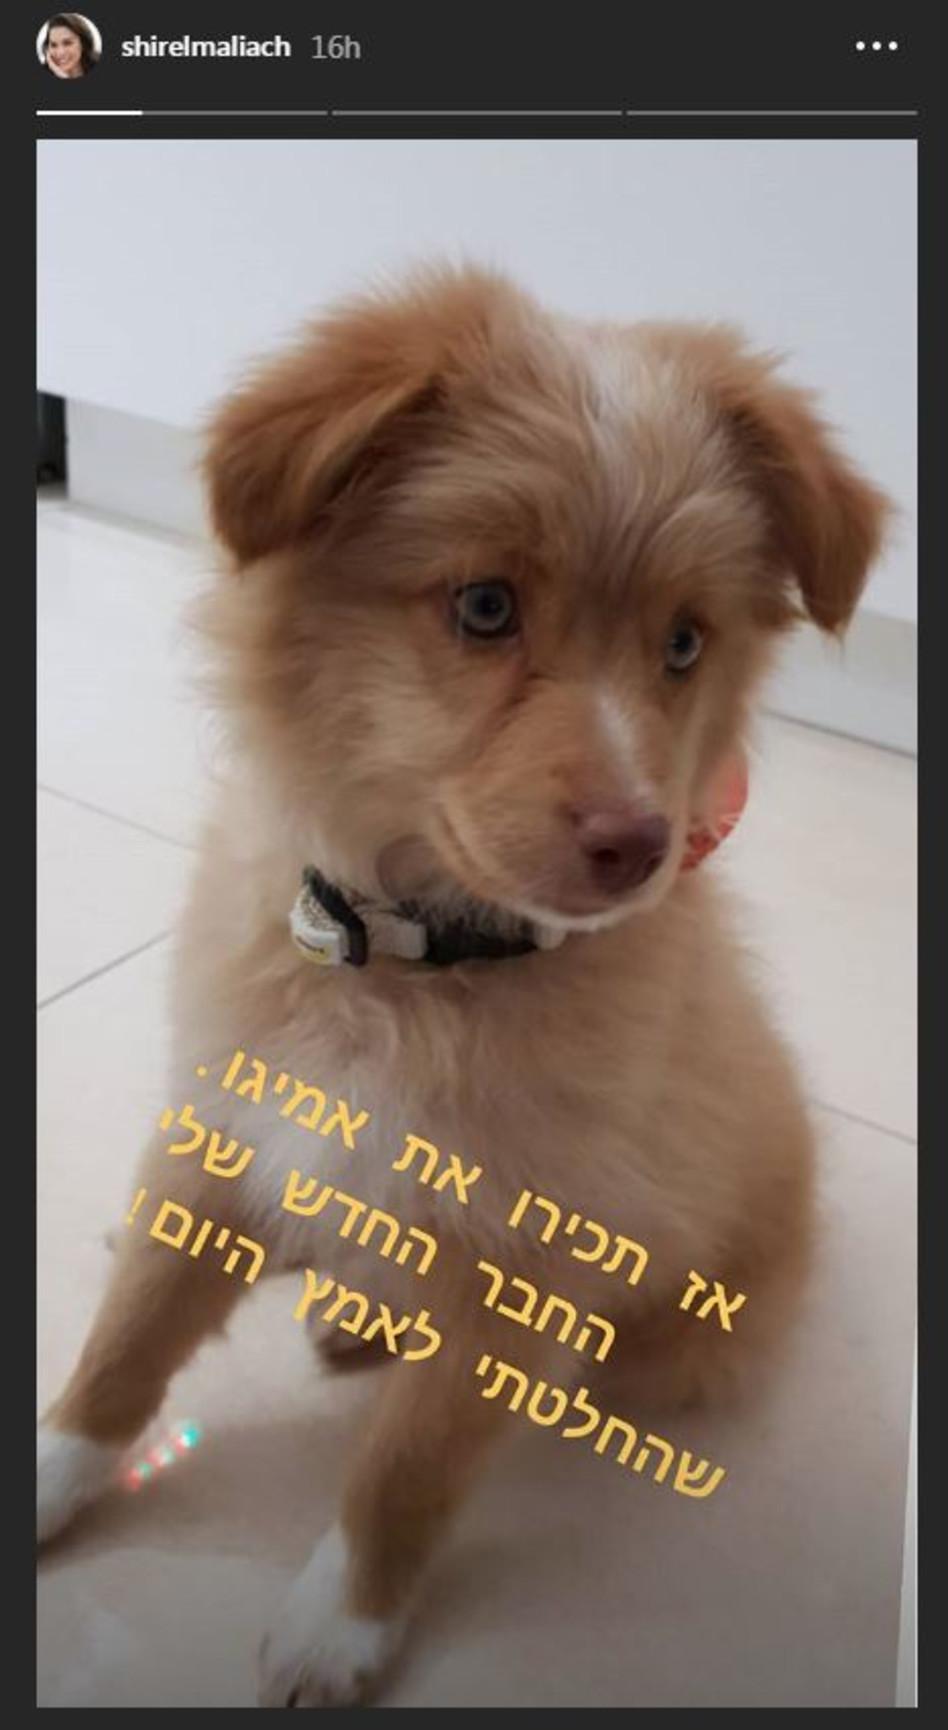 חמידות. הכלב החדש של שיר אלמליח (צילום: אינסטגרם)